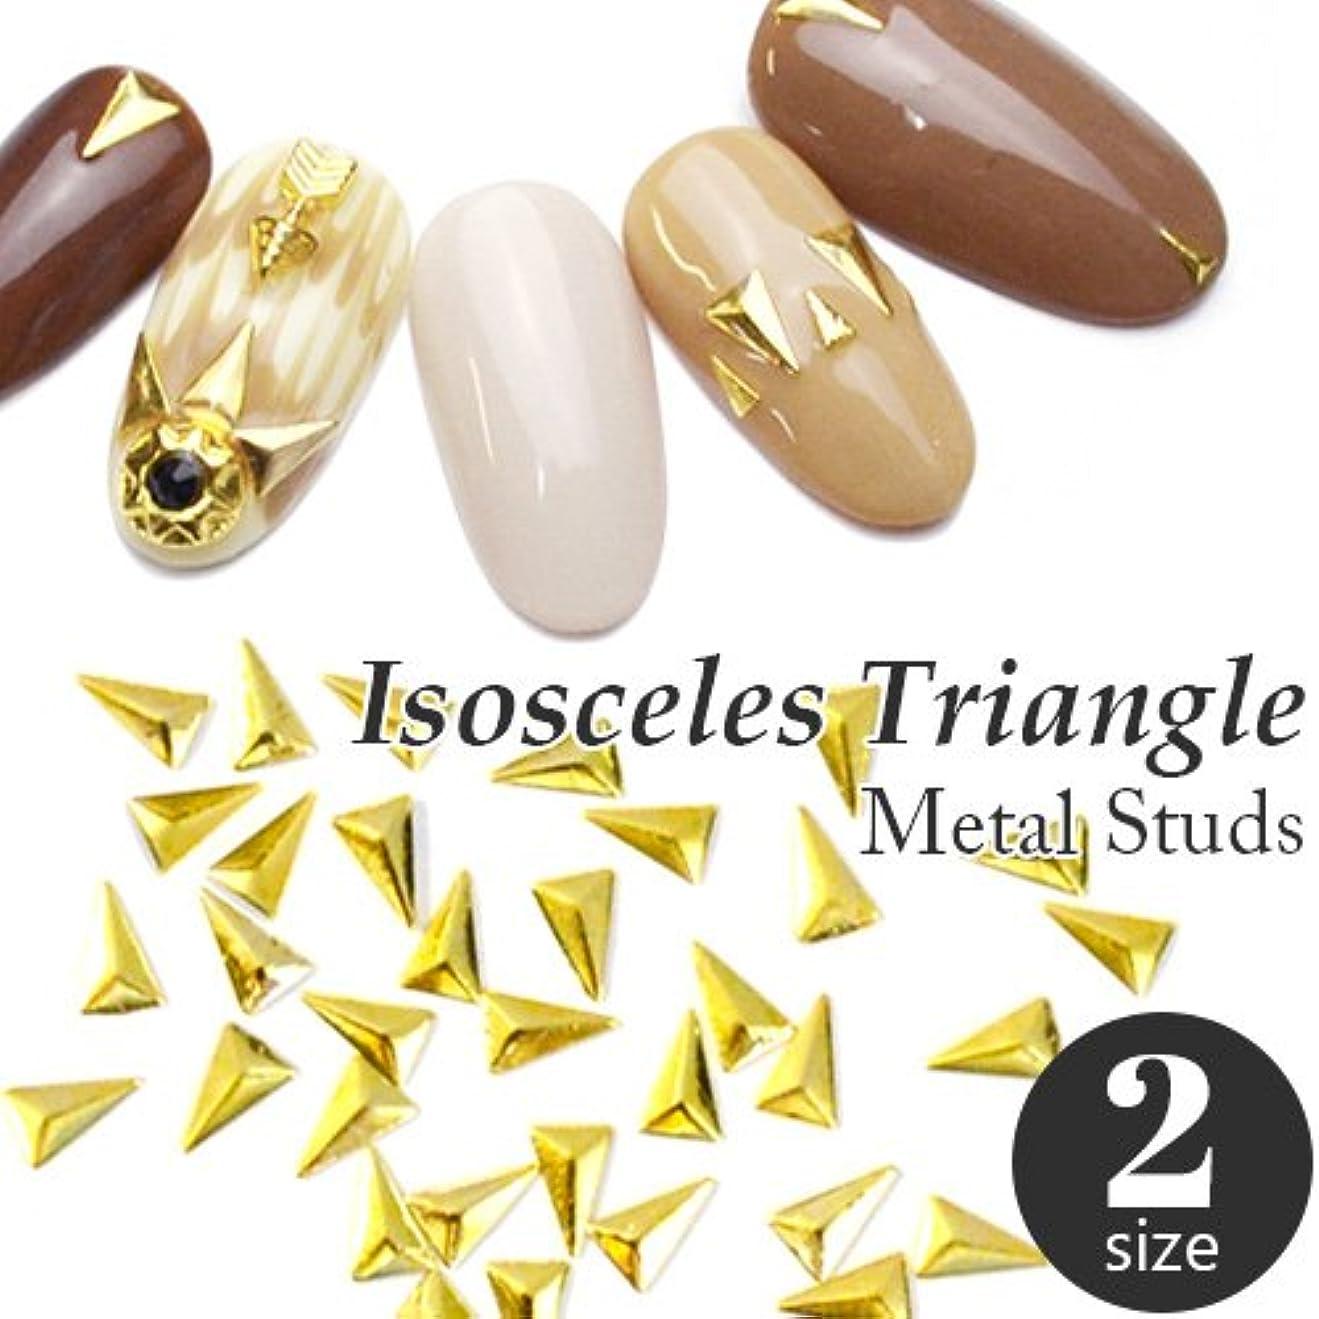 熱心な感情スカルク二等辺三角形[Mシルバー] メタルスタッズ トライアングル30粒入 ジェルネイル